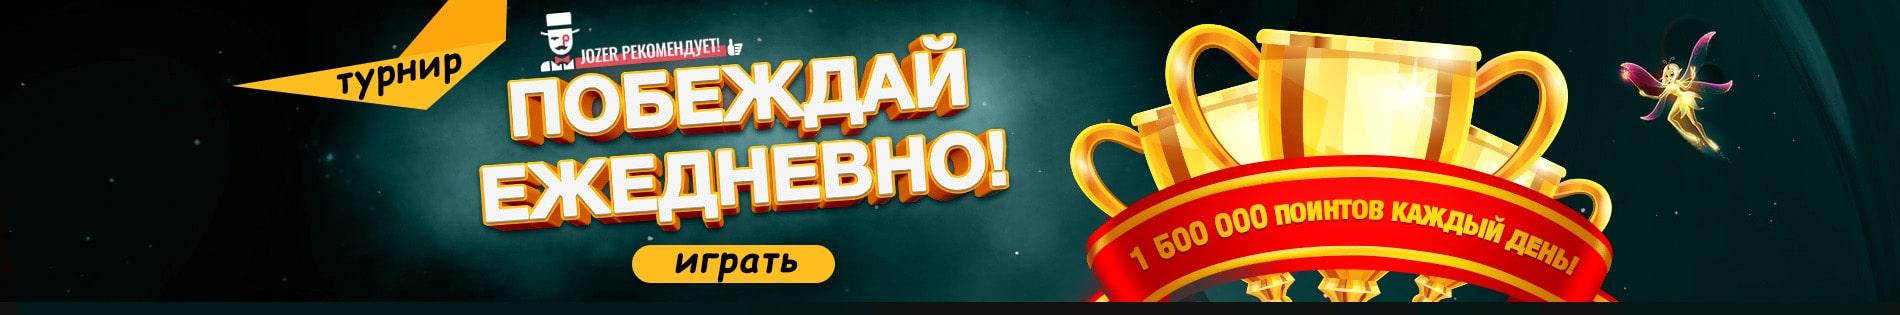 Джозер казино: участвуй в турнирах и получи большой куш!